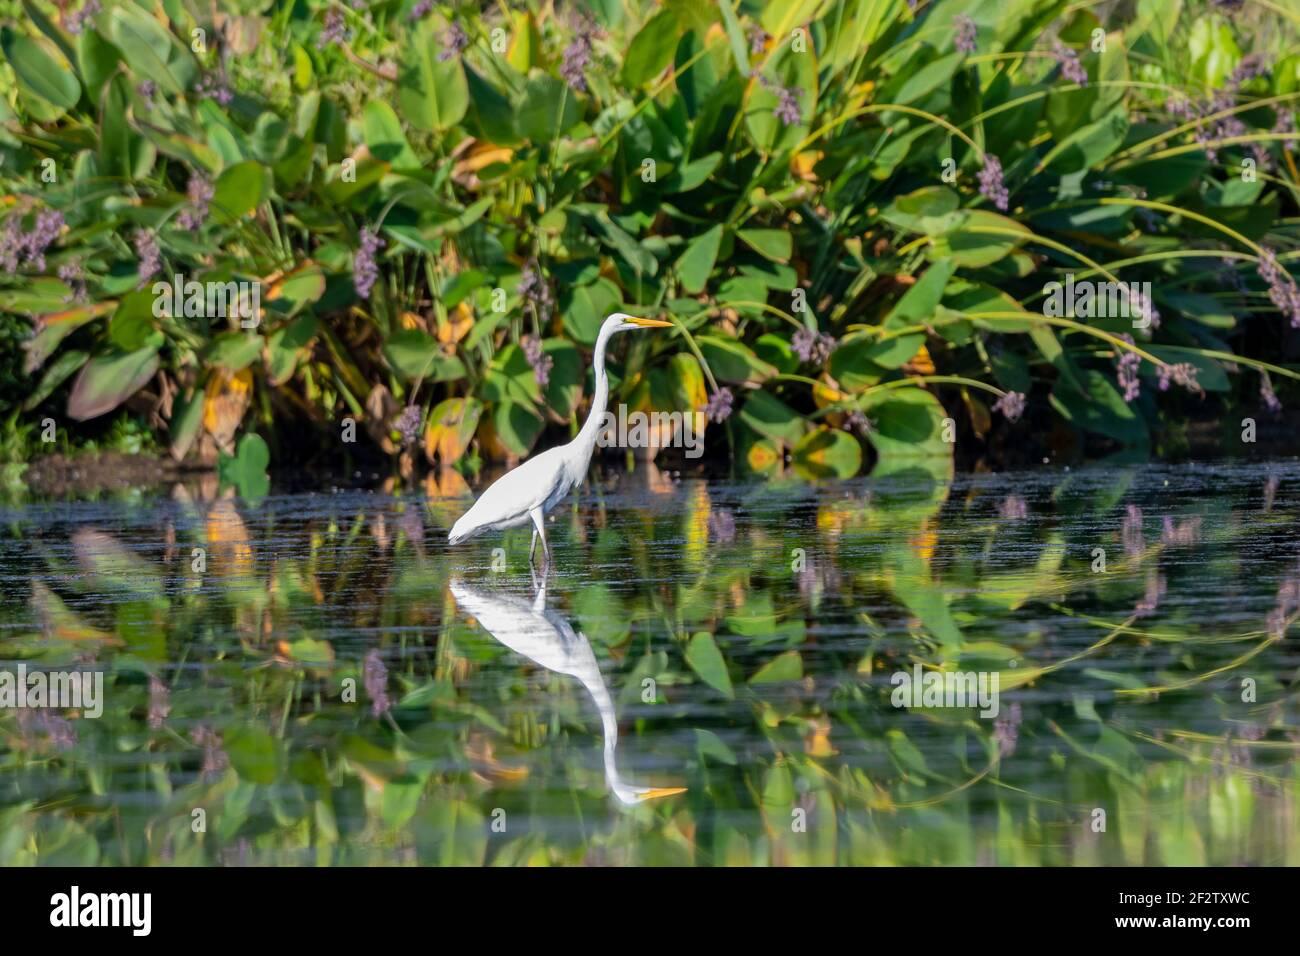 00688-03105 Grande Egret (Ardea alba) pesca vicino alla canna d'acqua (Canna glauca) nella zona umida Marion Co.il Foto Stock